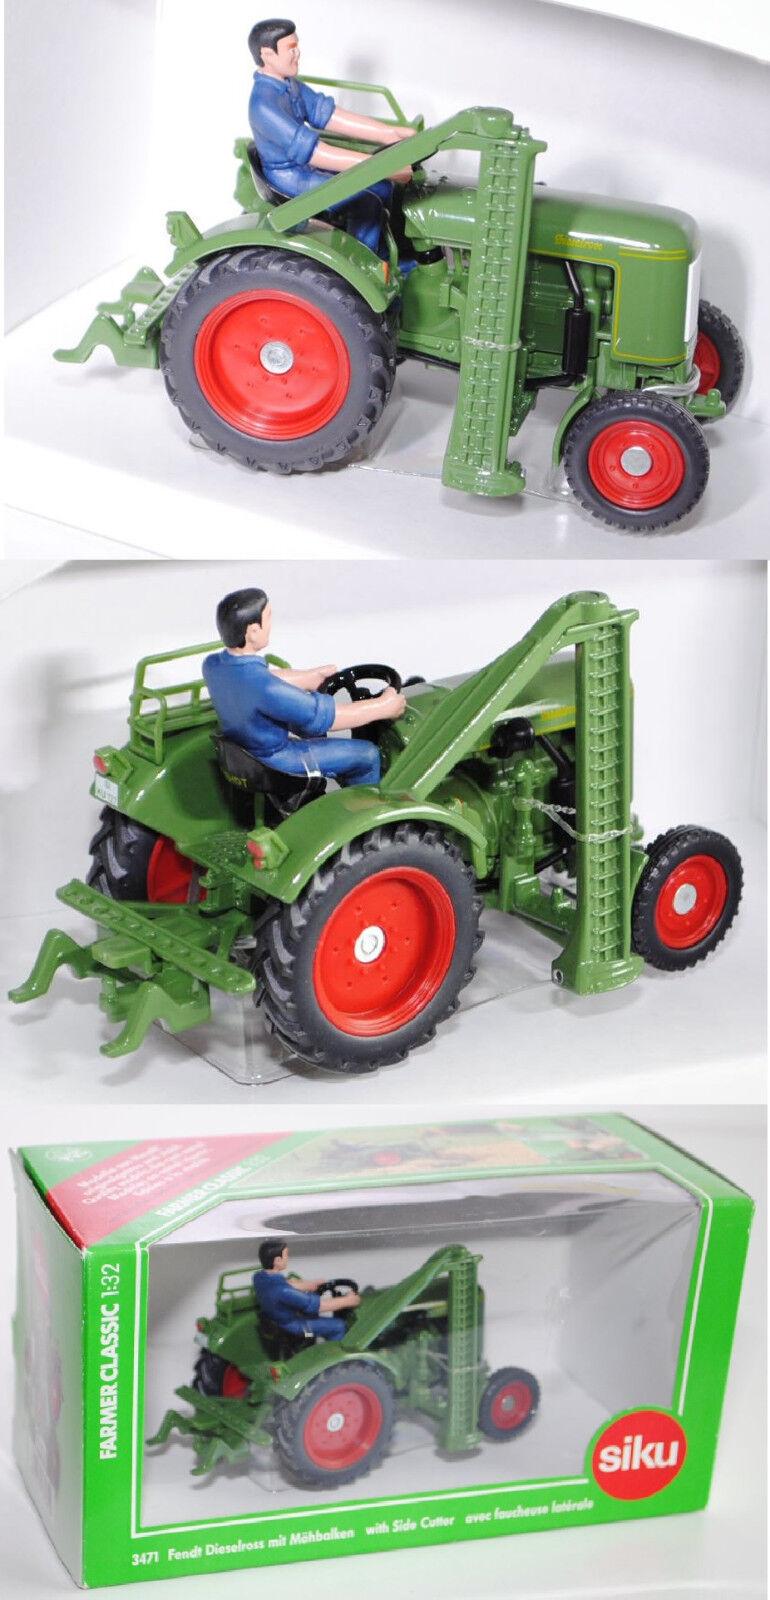 Siku Siku Siku Farmer Classic 3471 Fendt Dieselross F28 mit Mähbalken, farngrün, 1 32, OVP  | Diversified In Packaging  0a105f